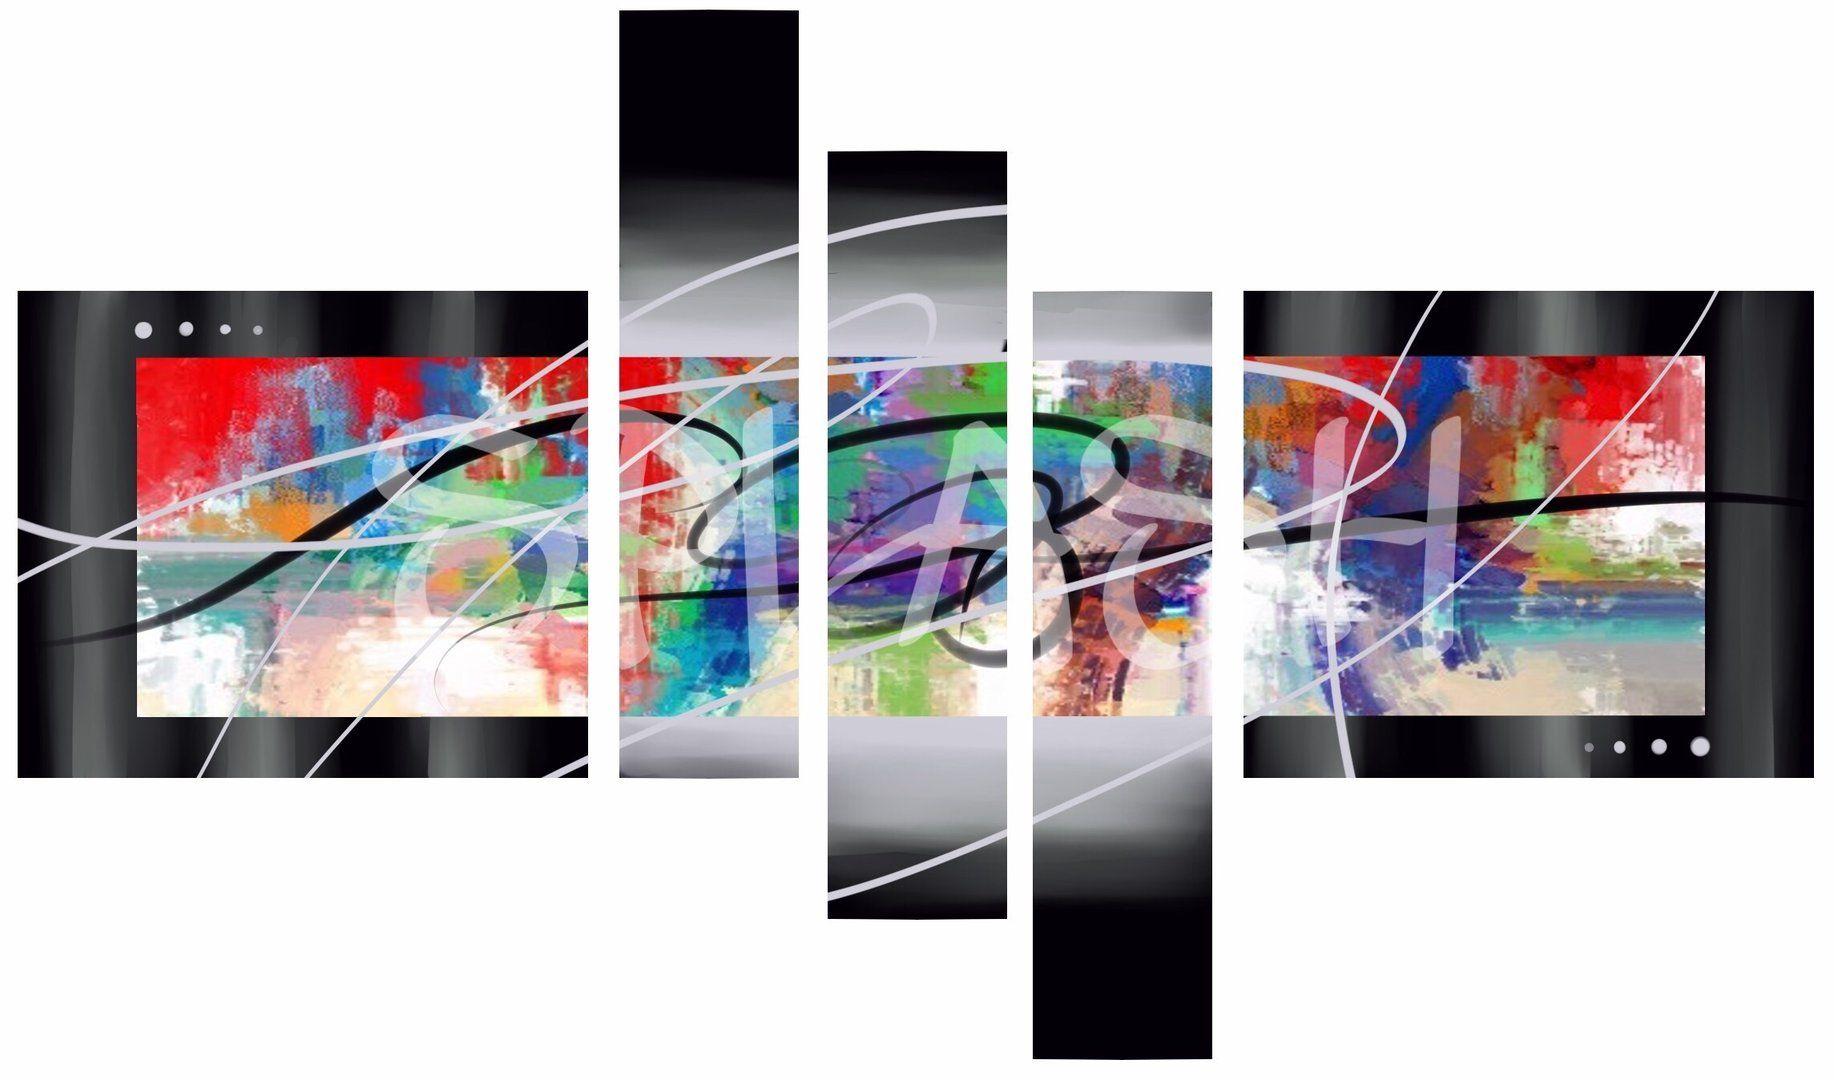 b1c3edc74 Cuadro colores Fondo Negro y plata SP164 #cuadros modulares# cuadros  abstractos# cuadros multiformas